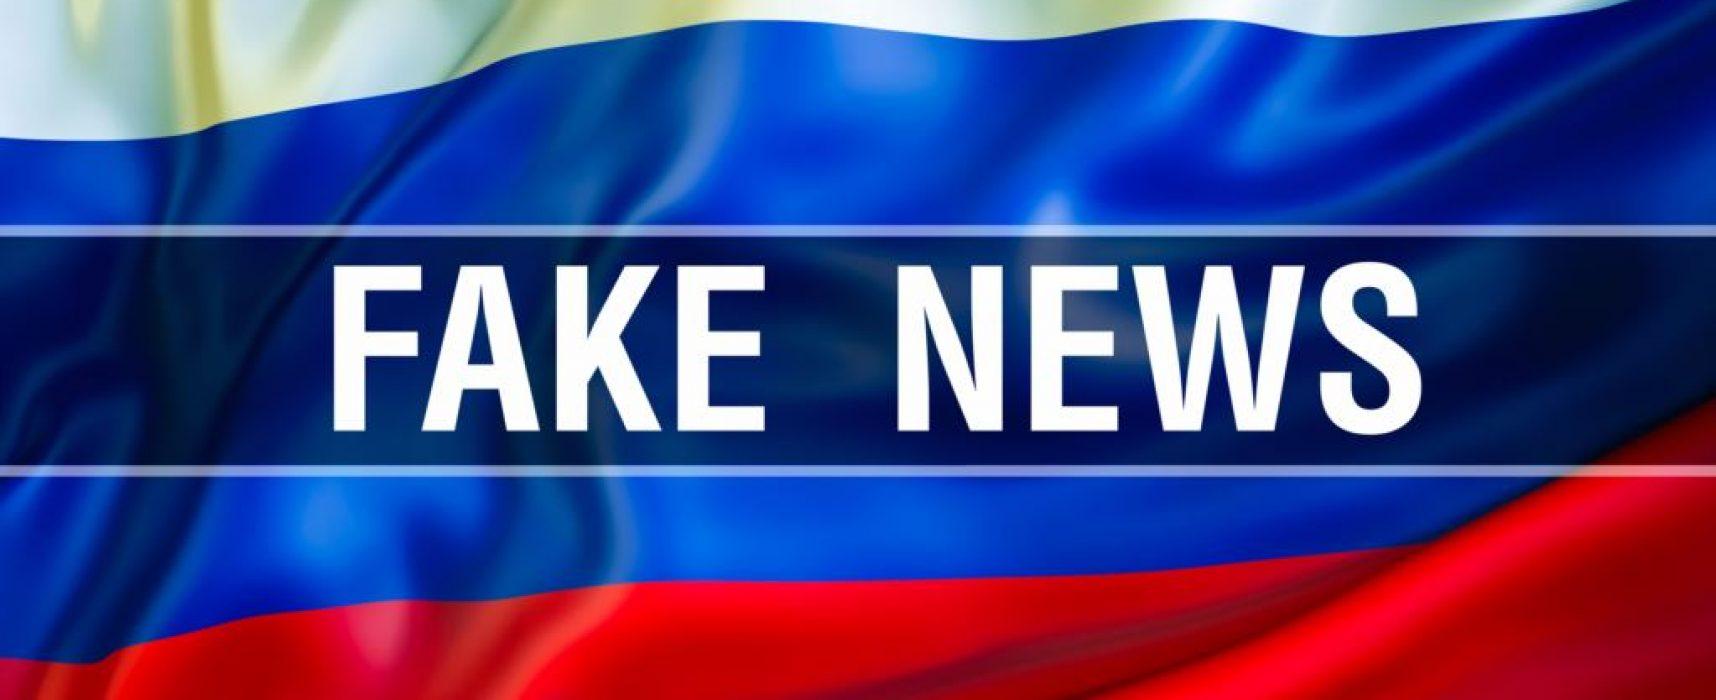 Métodos de la propaganda de Rusia: de falsificaciones en Wikipedia a ciberataques